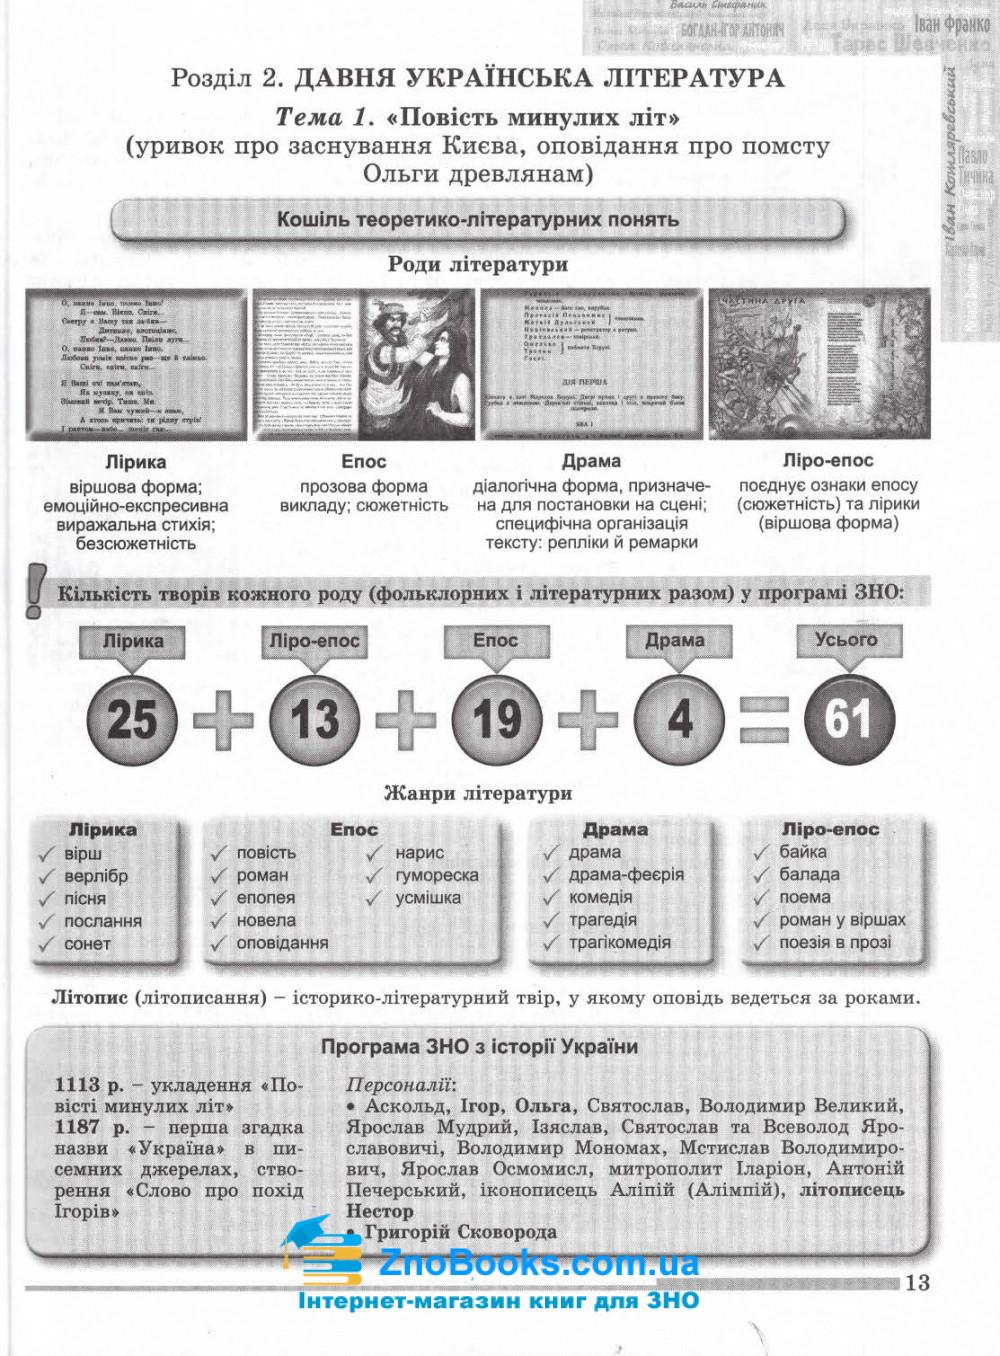 Українська мова і література ЗНО 2022. Комплексна підготовка : Терещенко В. та ін. Генеза. купити 7